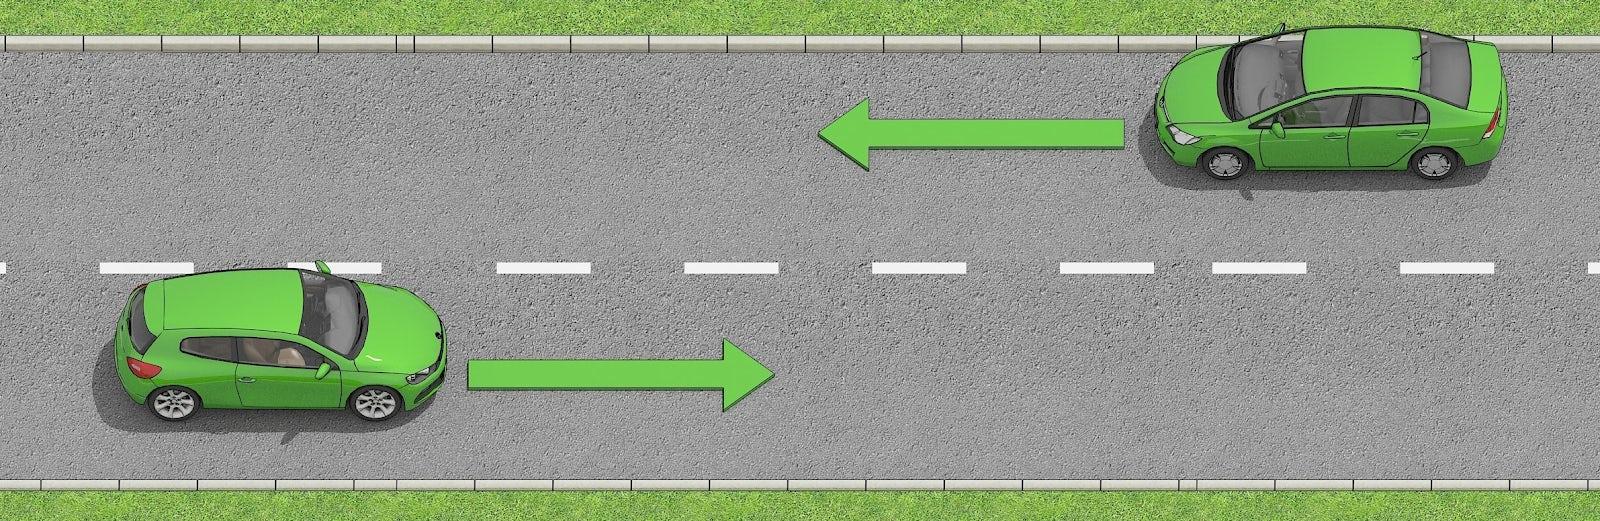 Två bilar möts på en väg där det är streckade mittlinjer.